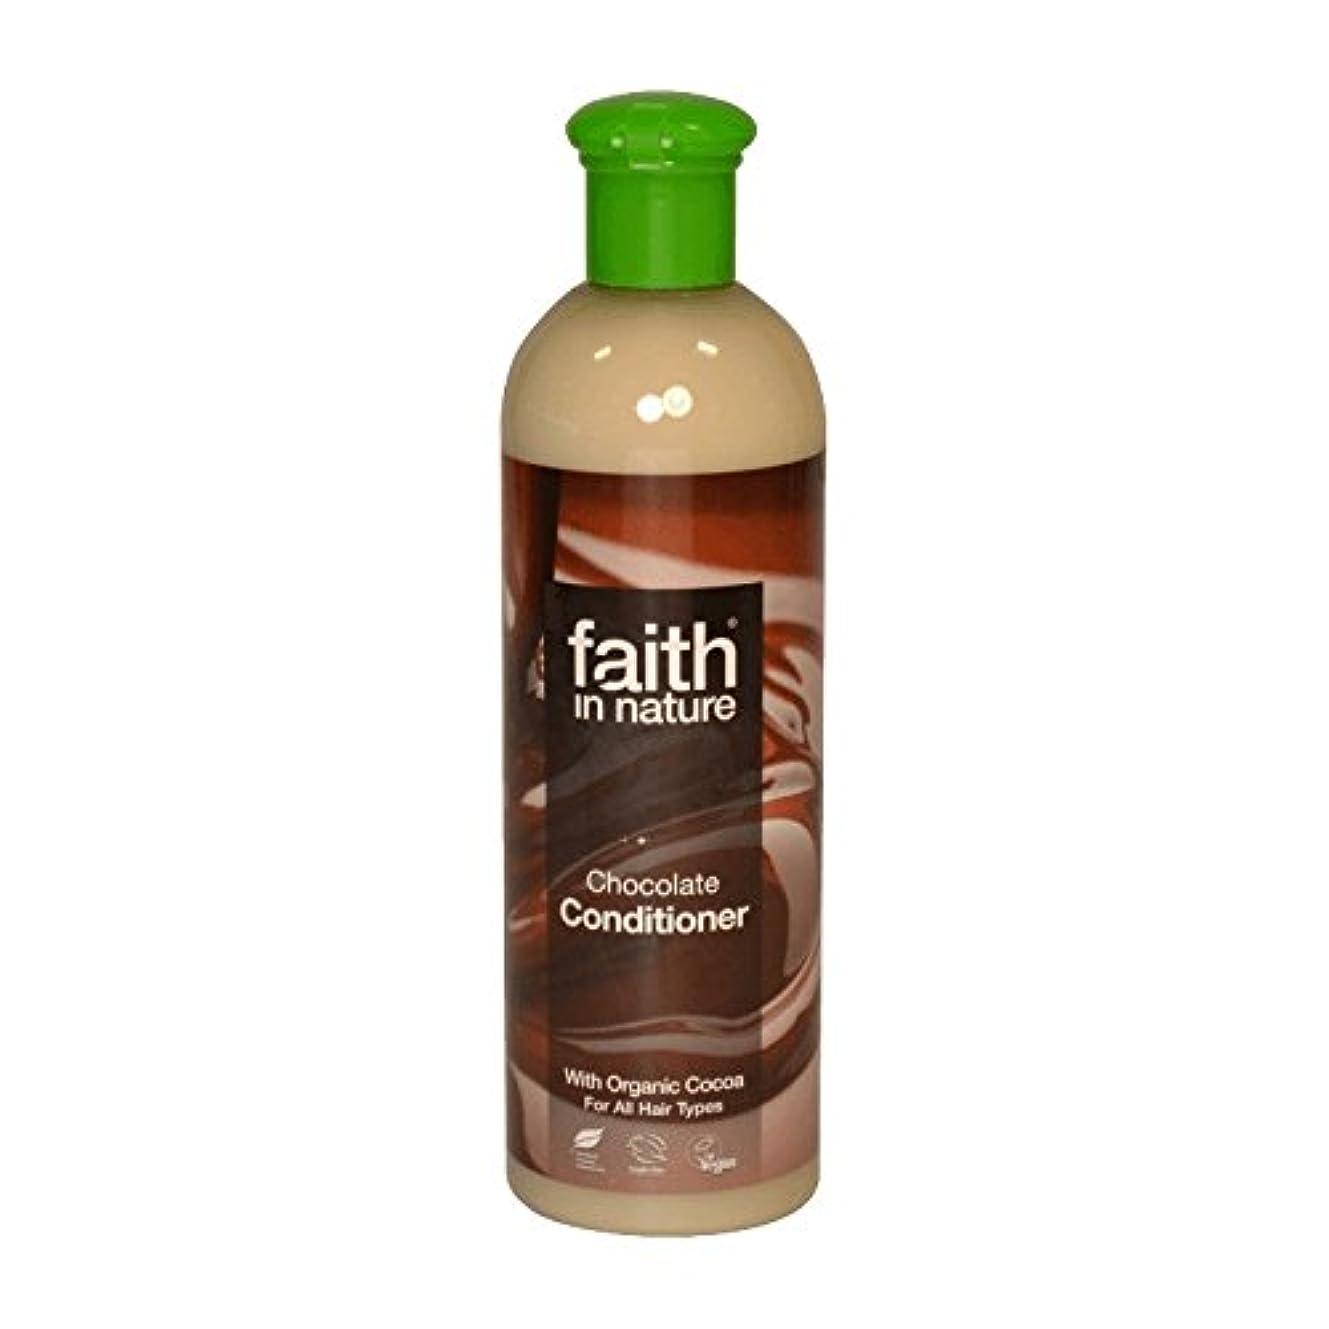 記念候補者多くの危険がある状況自然チョコレートコンディショナー400ミリリットルの信仰 - Faith In Nature Chocolate Conditioner 400ml (Faith in Nature) [並行輸入品]